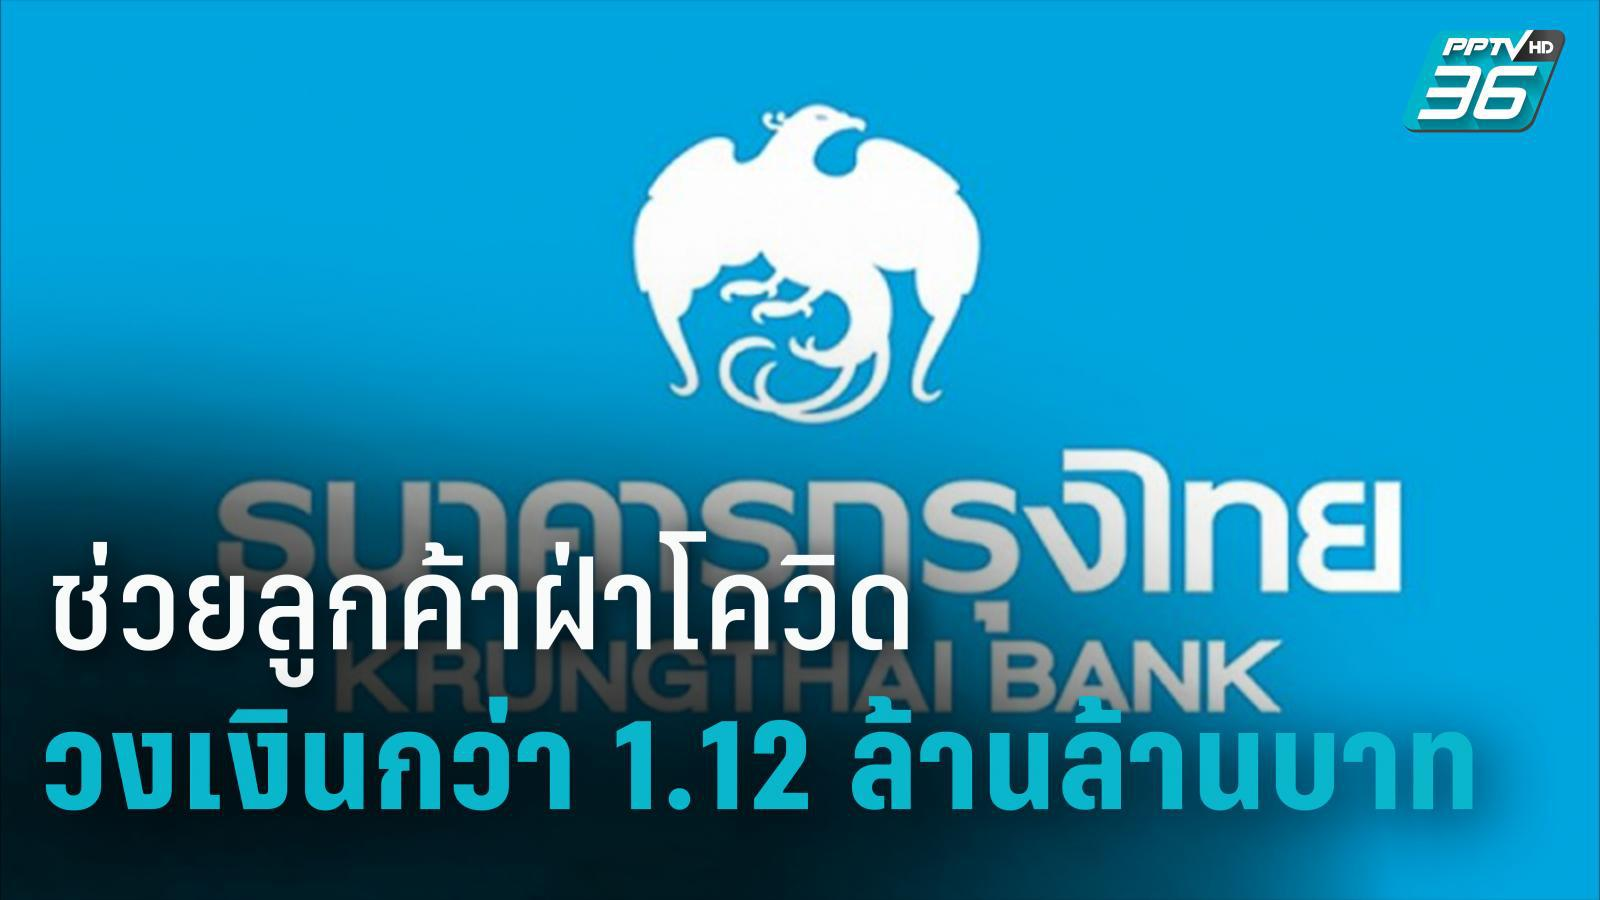 """""""กรุงไทย"""" เพิ่มมาตรการช่วยลูกค้าทุกกลุ่มฝ่าโควิด วงเงินกว่า 1.12 ล้านล้านบาท"""